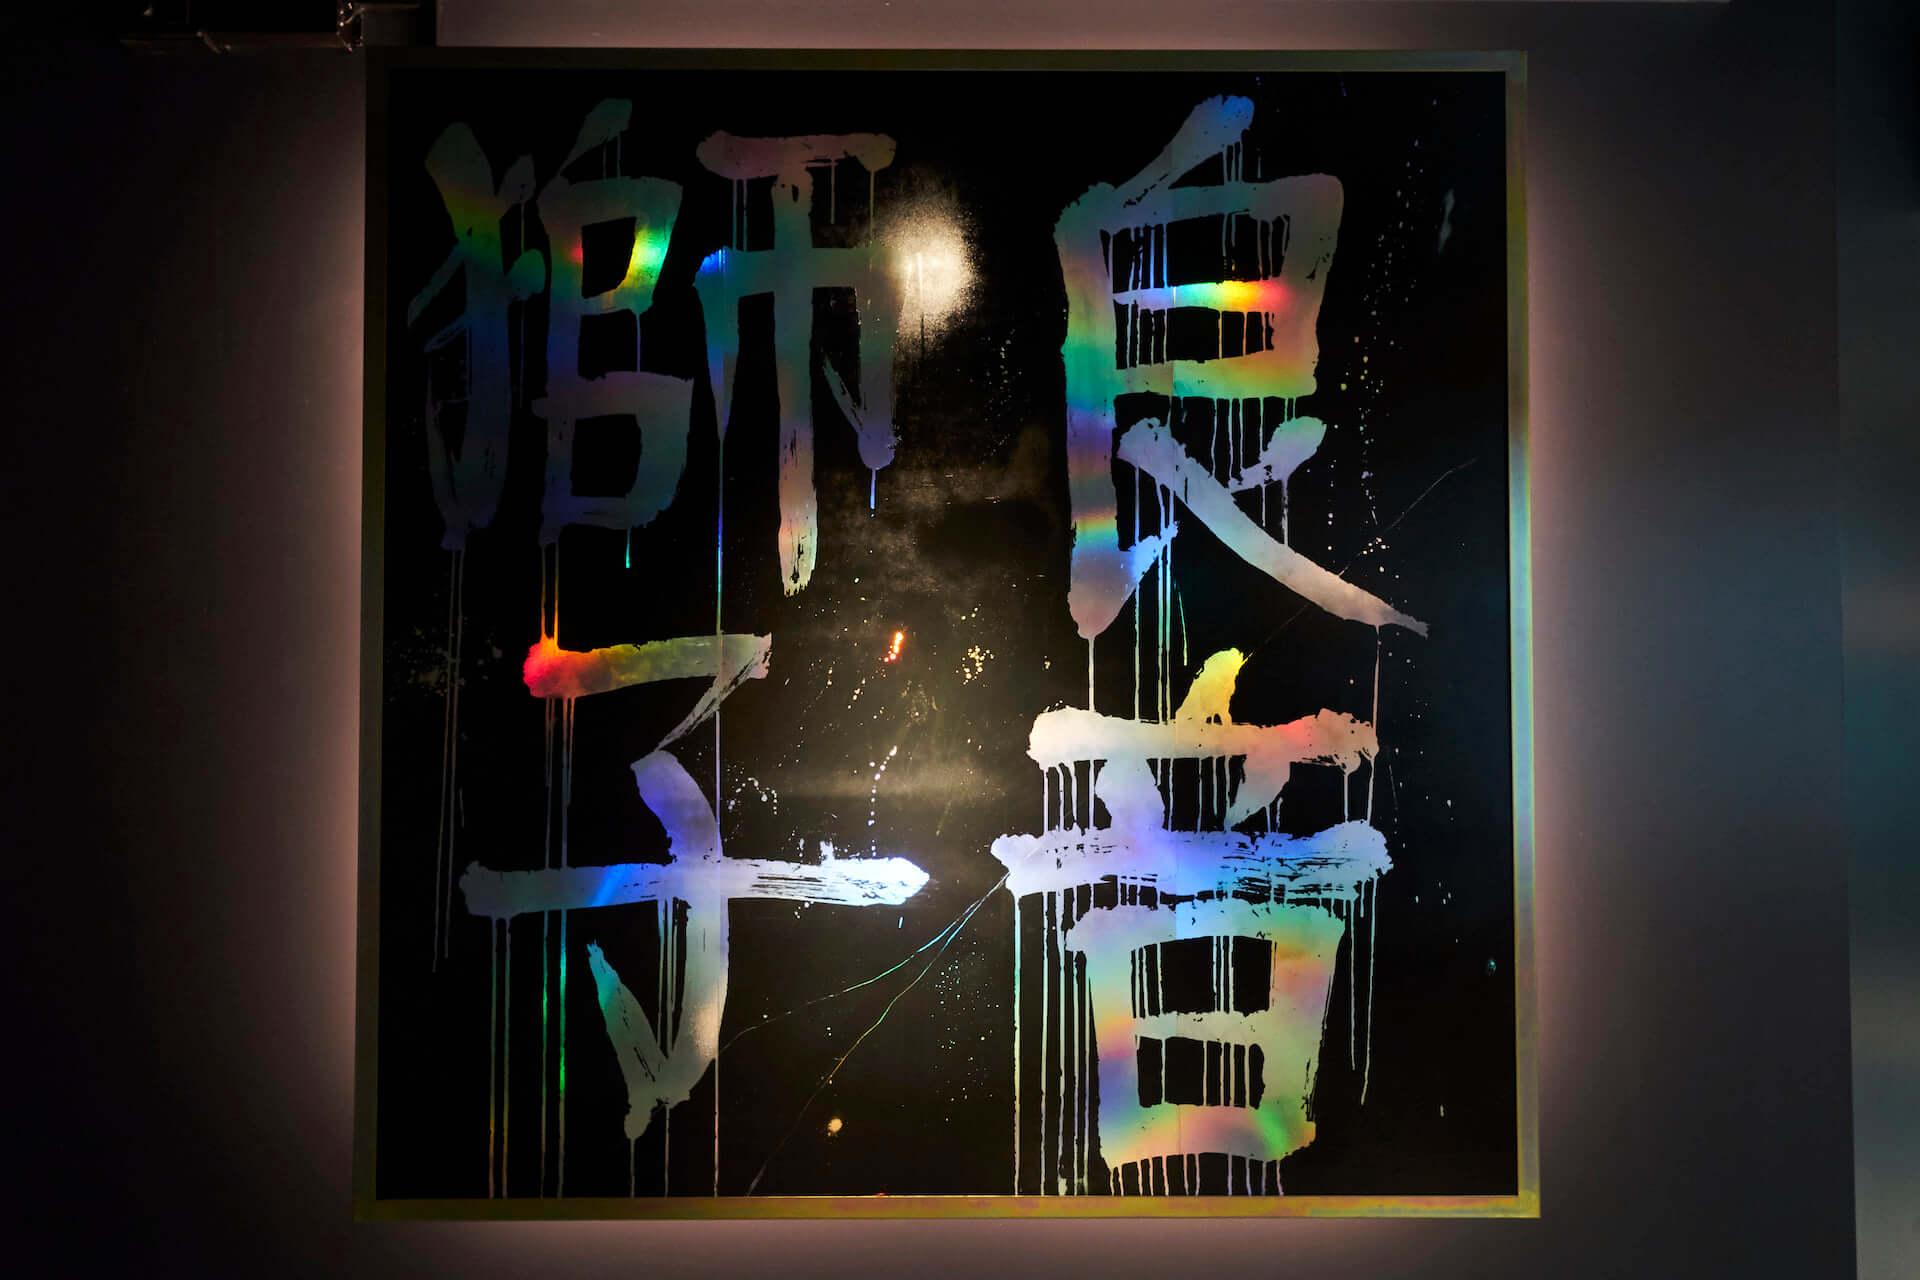 原宿発、en one tokyoとFLEMMINGによる会員制ミュージックバー「不眠遊戯ライオン」が始動|オープニングパーティーは明日開催 music200730_music_bar_lion_6-1920x1280